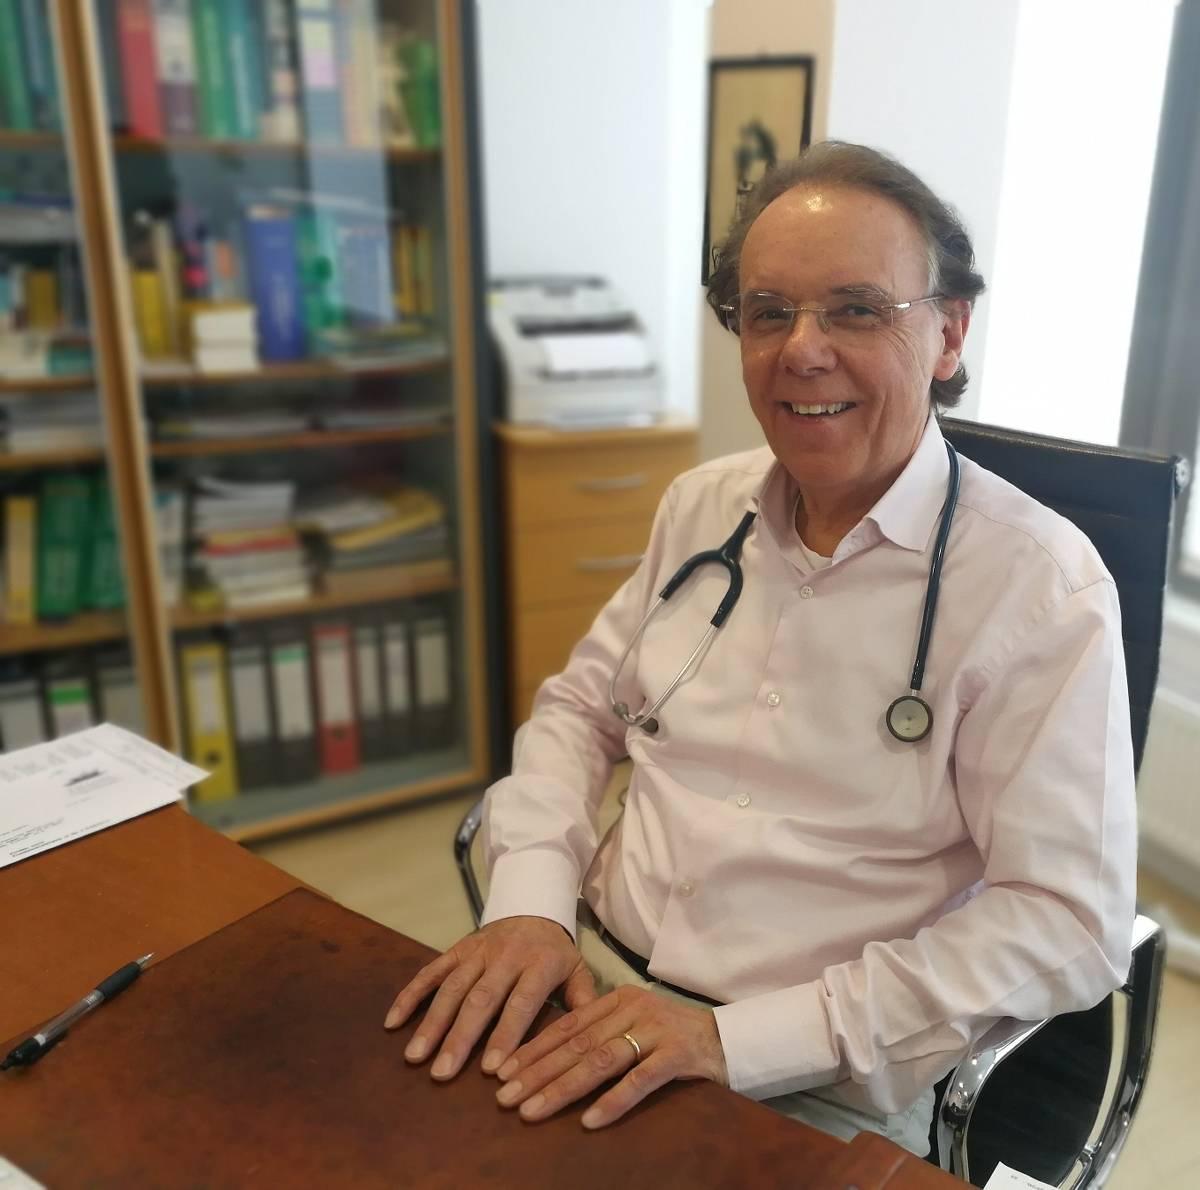 Düsseldorf: Kinderarzt Hermann Josef Kahl über die Impfpflicht